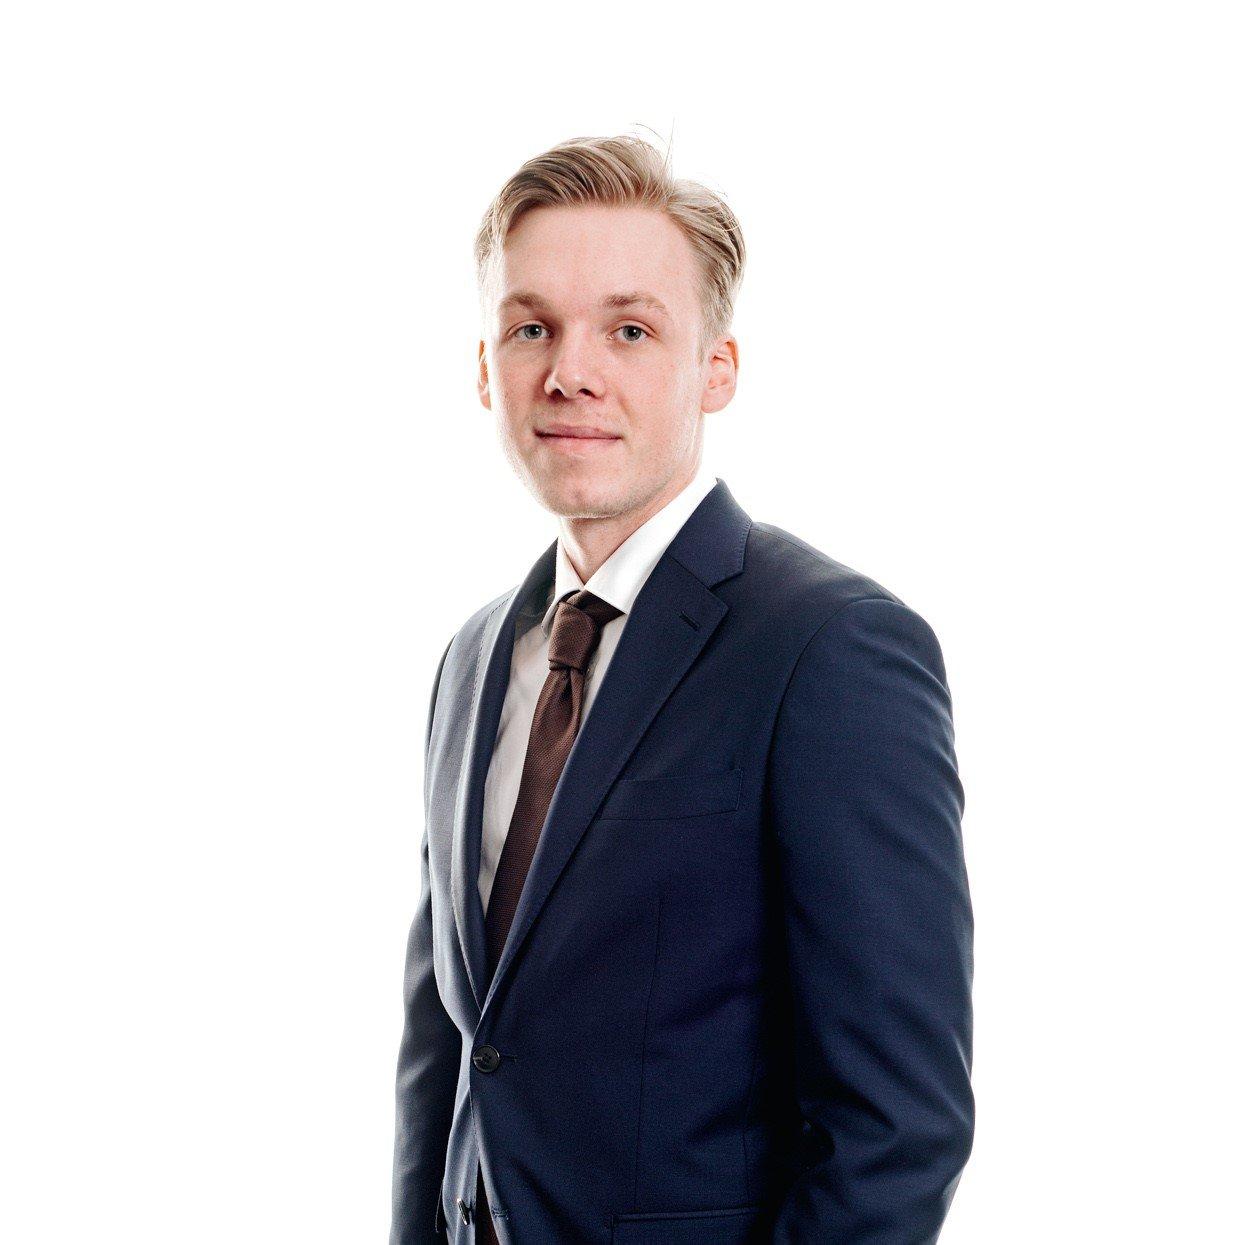 Anton Enoksson